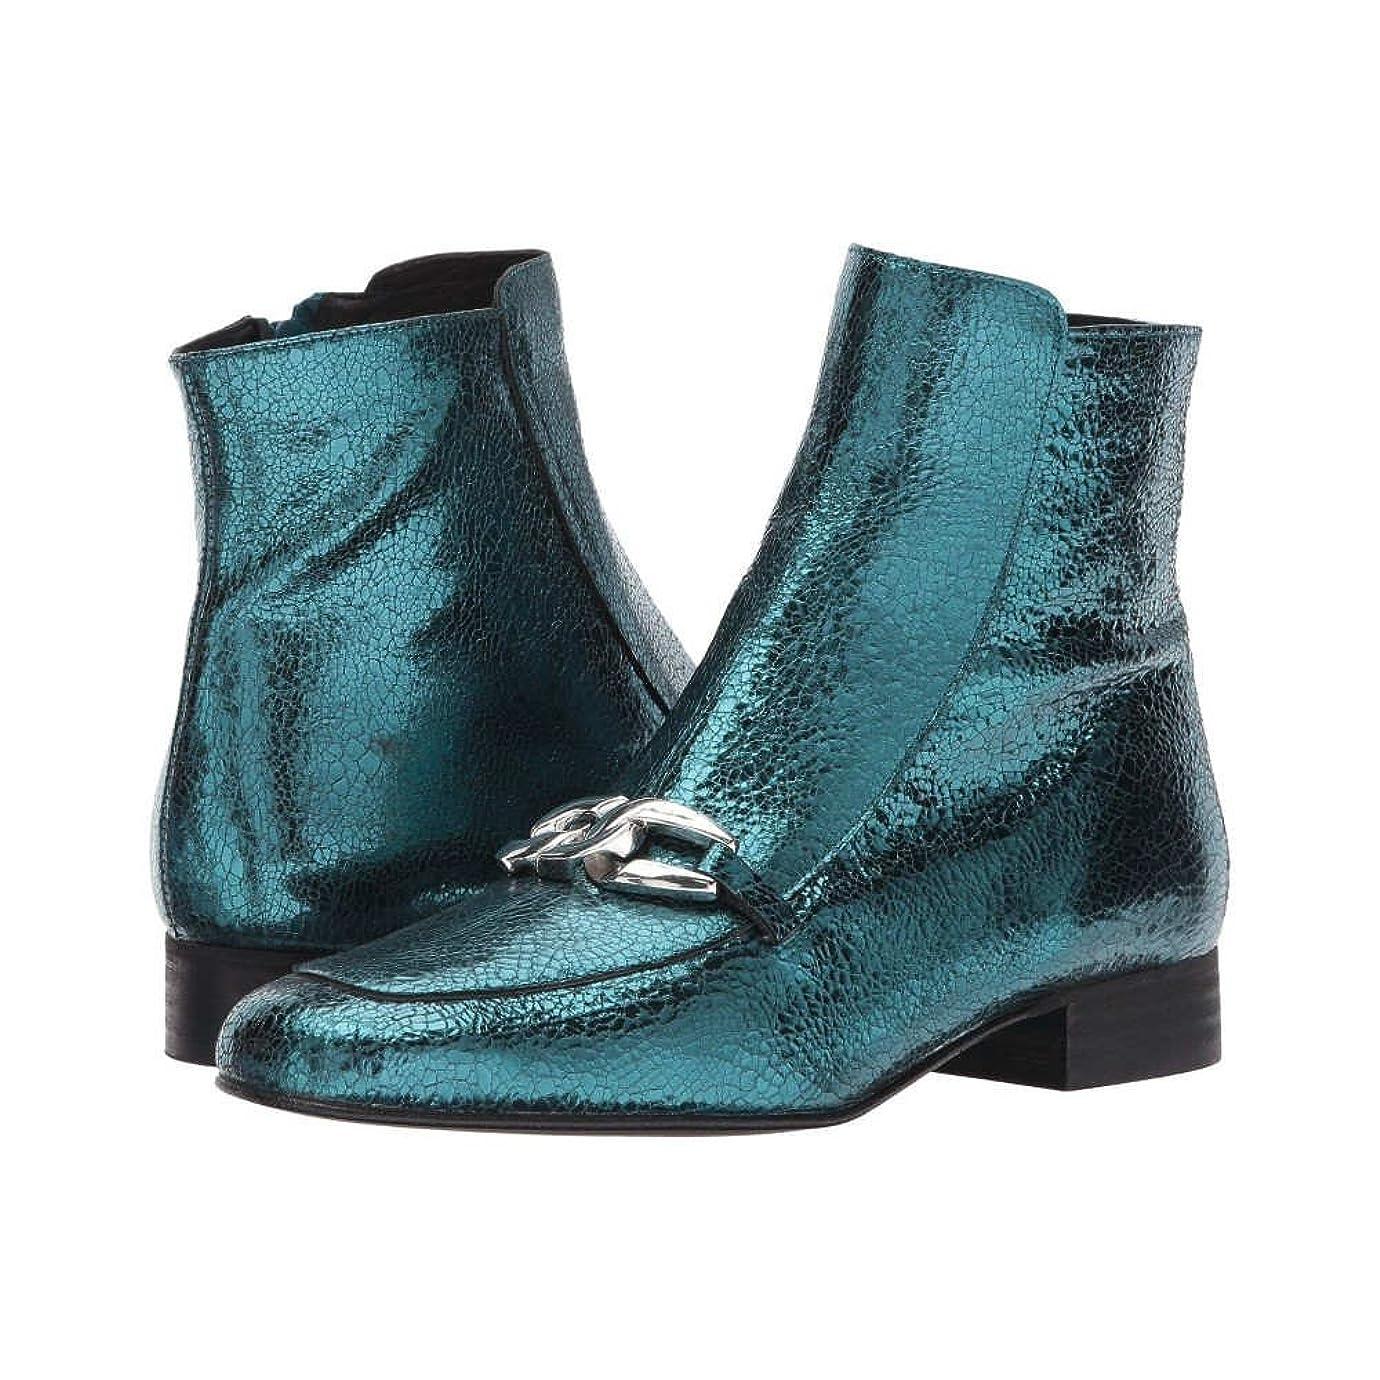 天後方宇宙の(フリーピープル) Free People レディース シューズ?靴 ブーツ Emerald City Ankle Boot [並行輸入品]